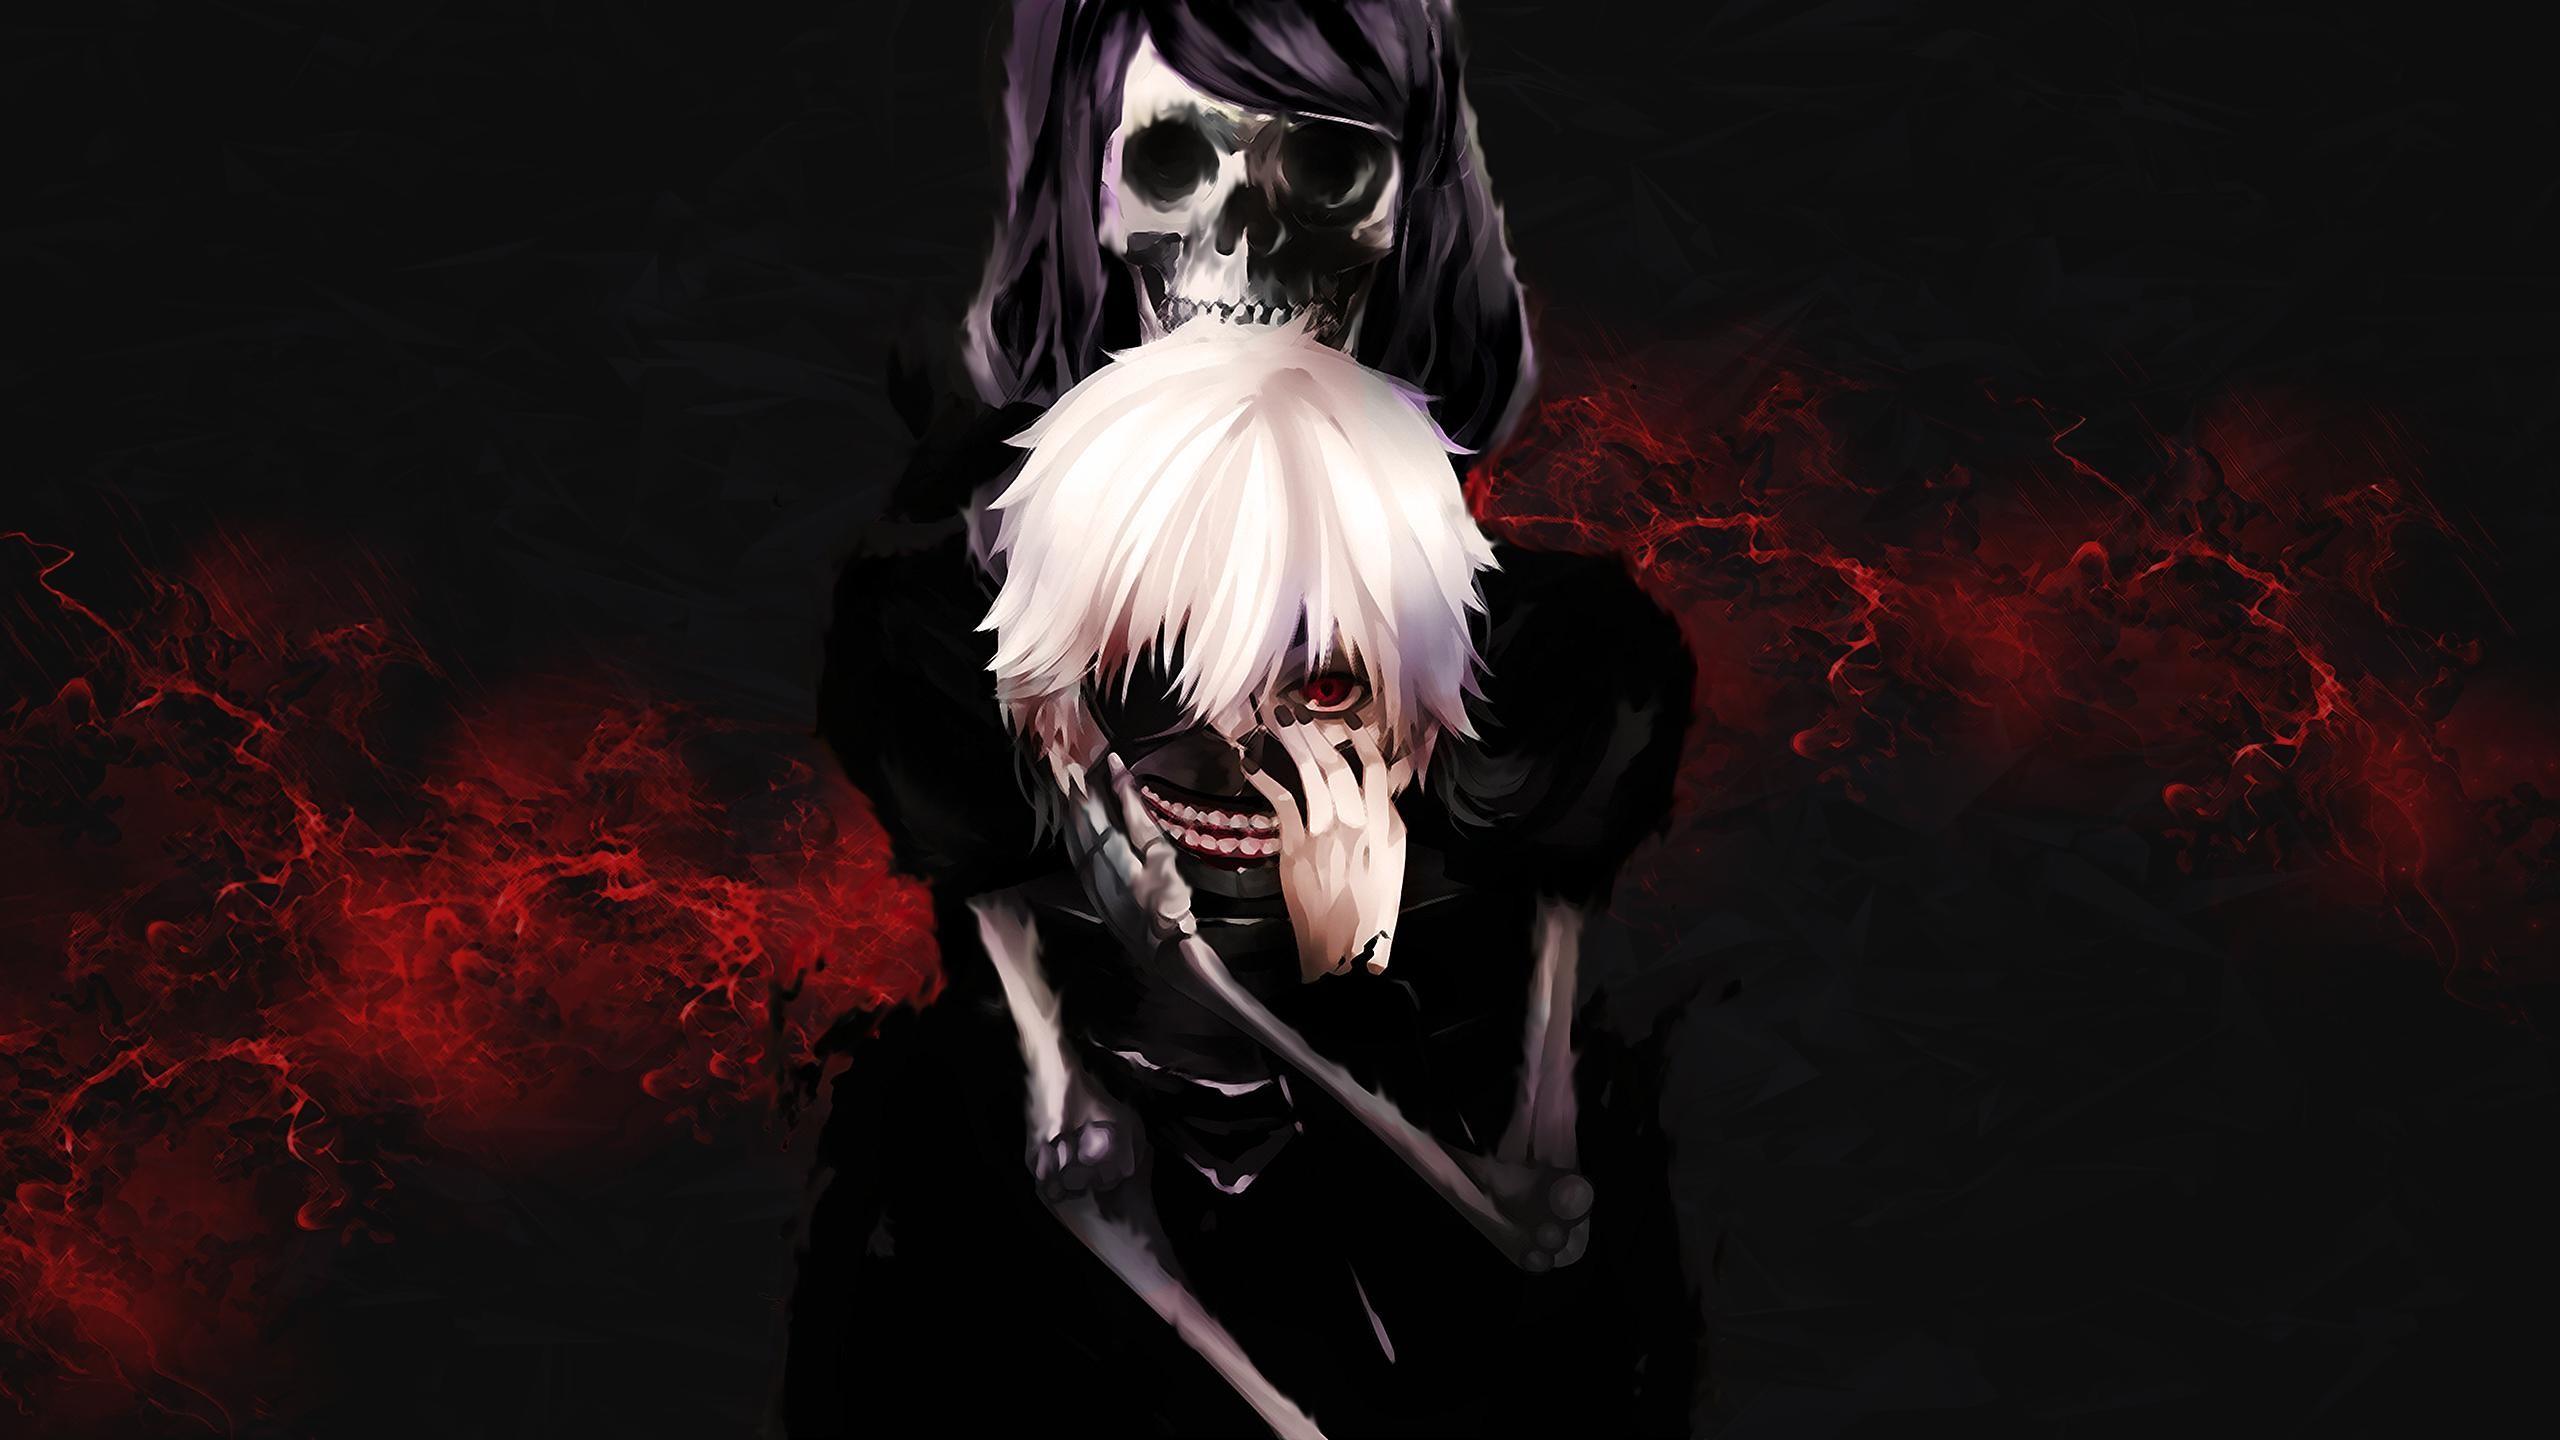 Anime – Tokyo Ghoul Ken Kaneki Touka Kirishima Wallpaper